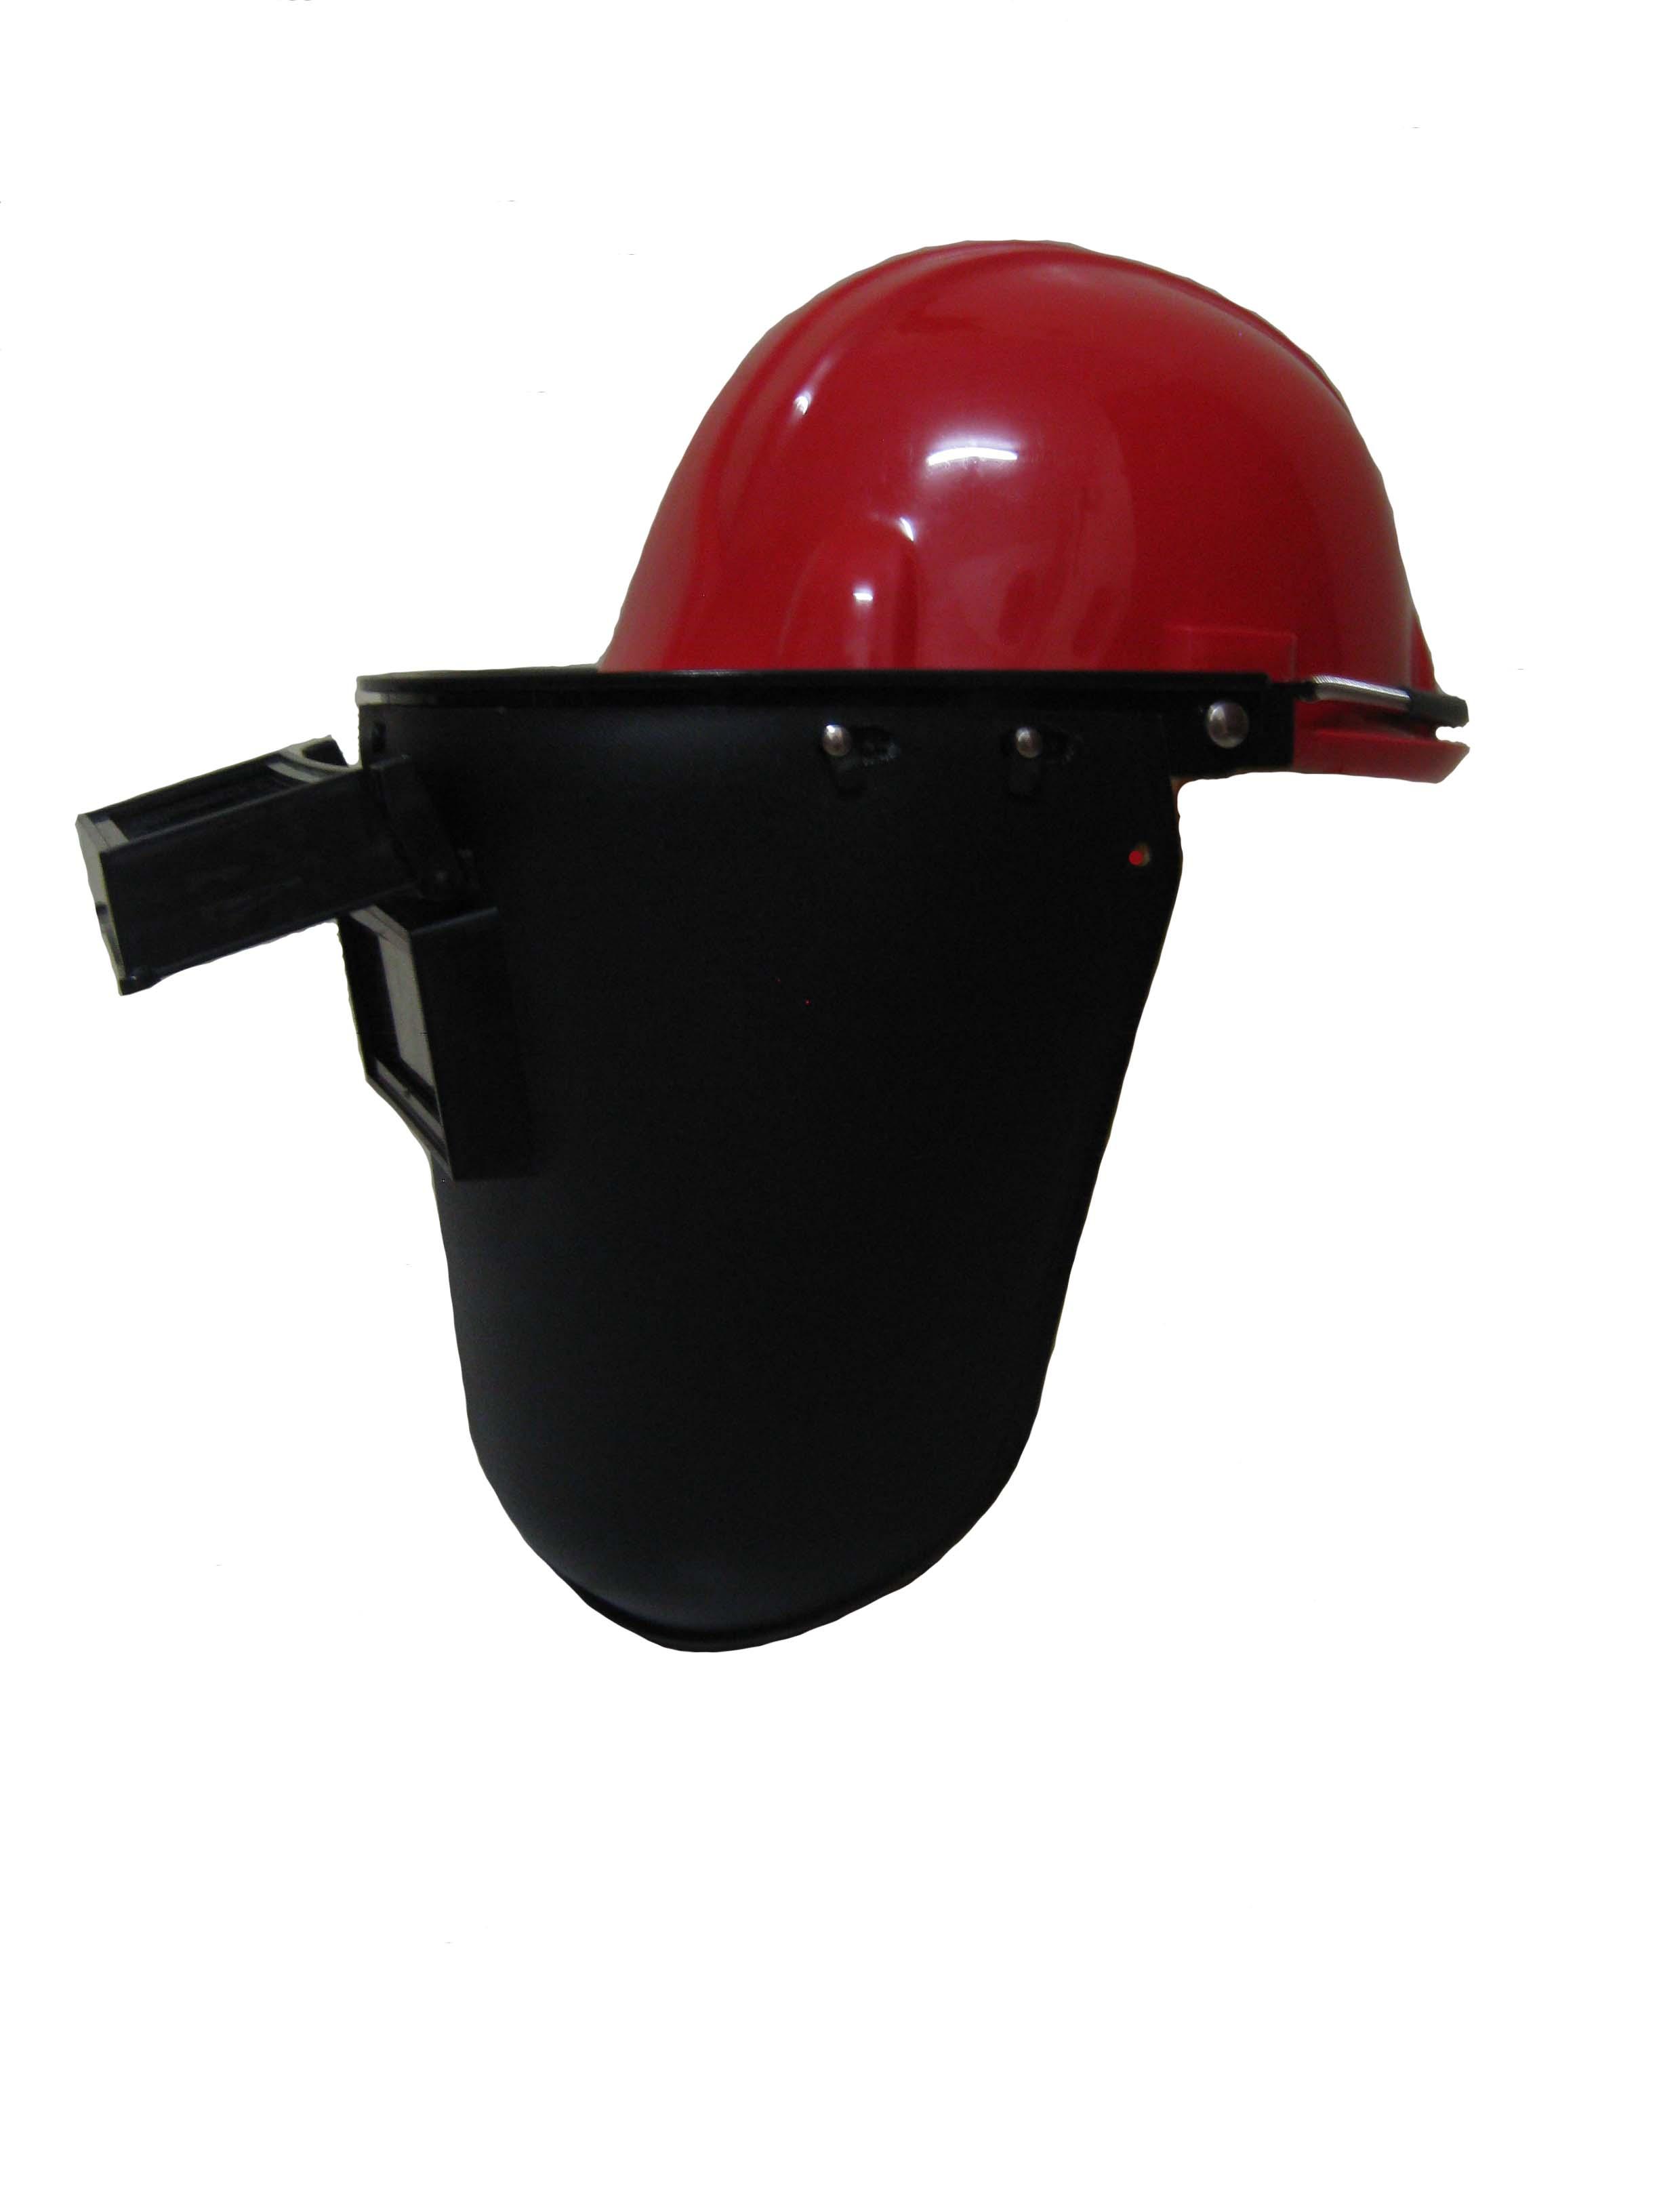 หน้ากากอ๊อกพร้อมหมวกวิศวกร